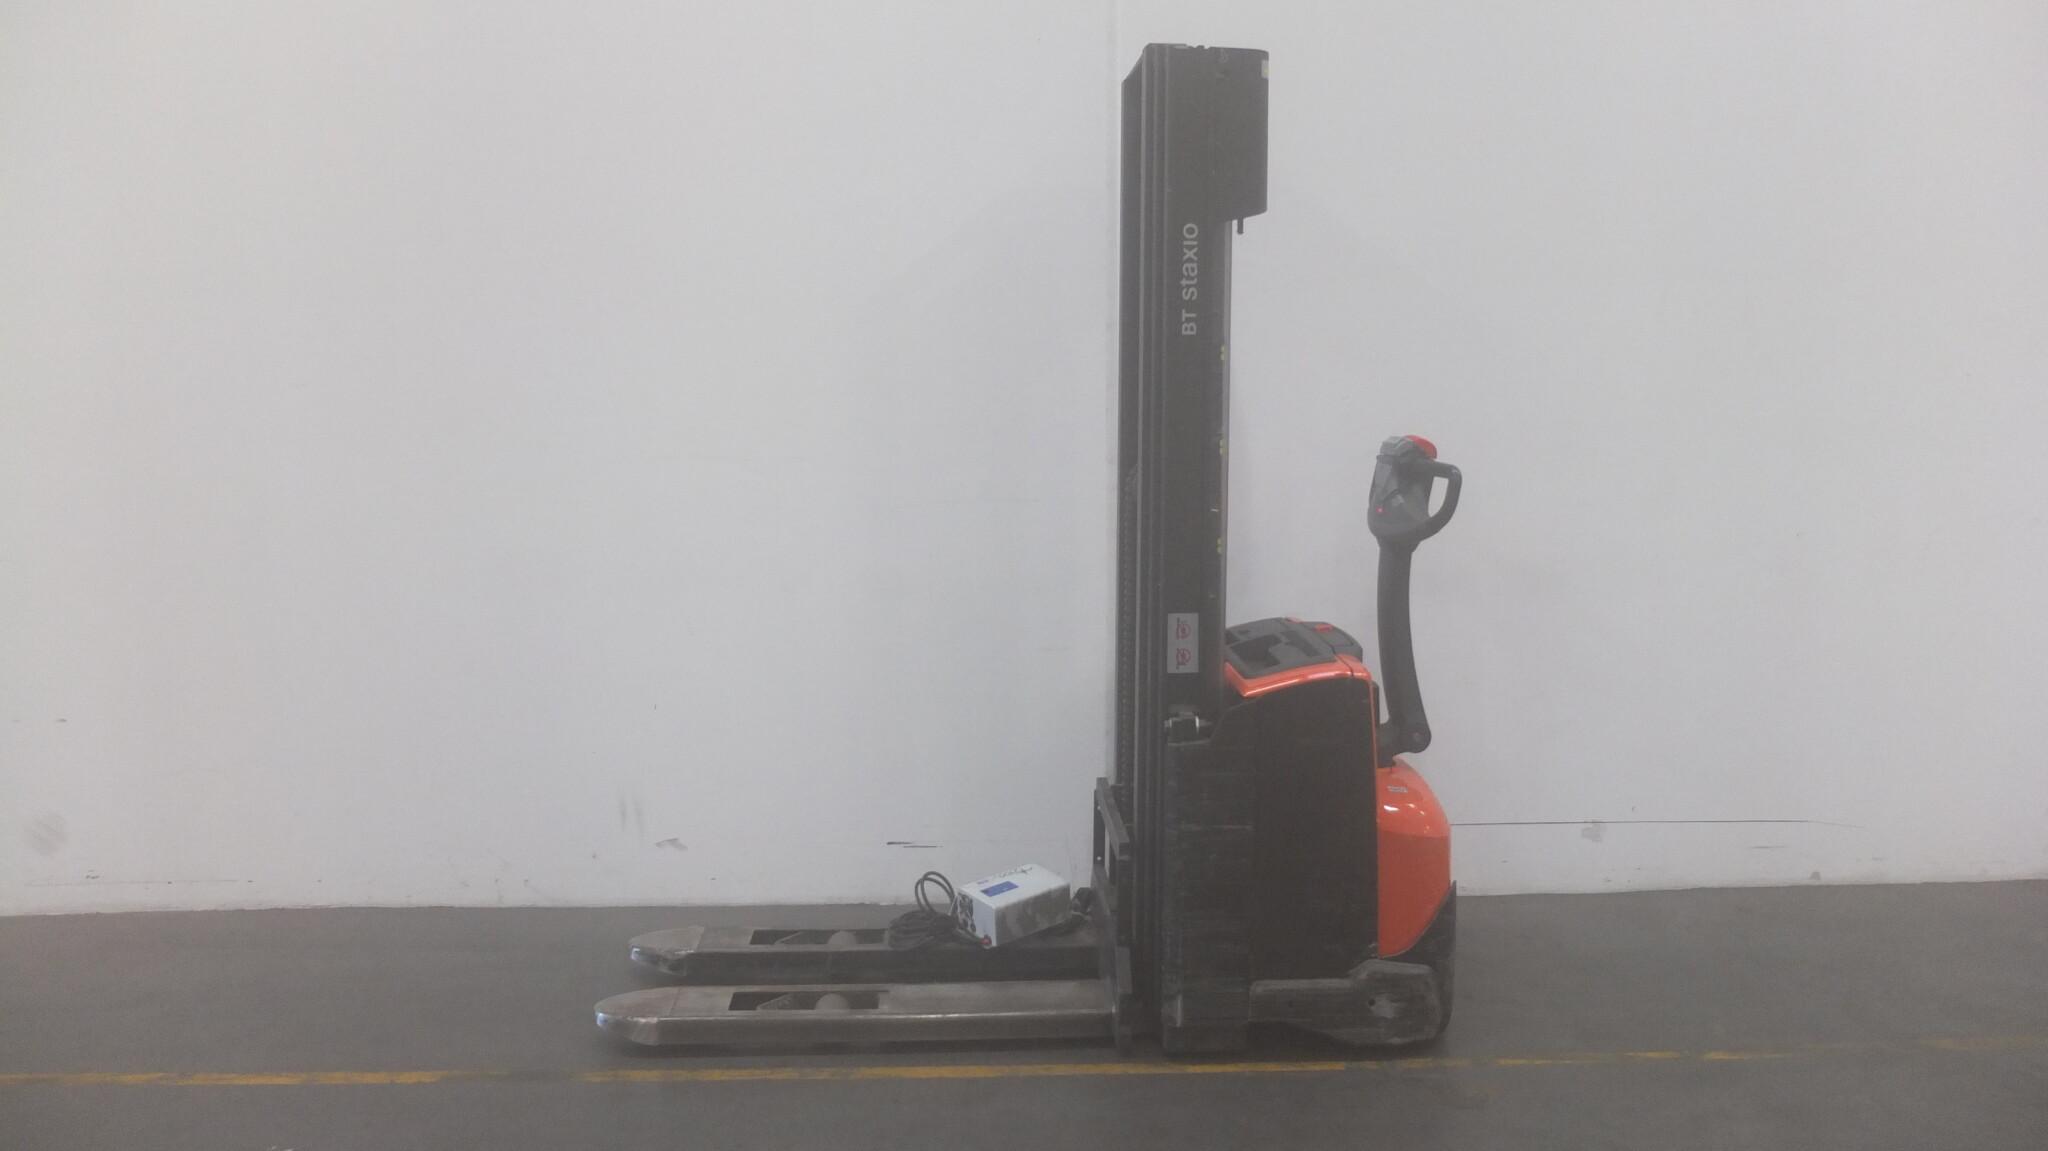 Toyota-Gabelstapler-59840 1607026539 1 scaled